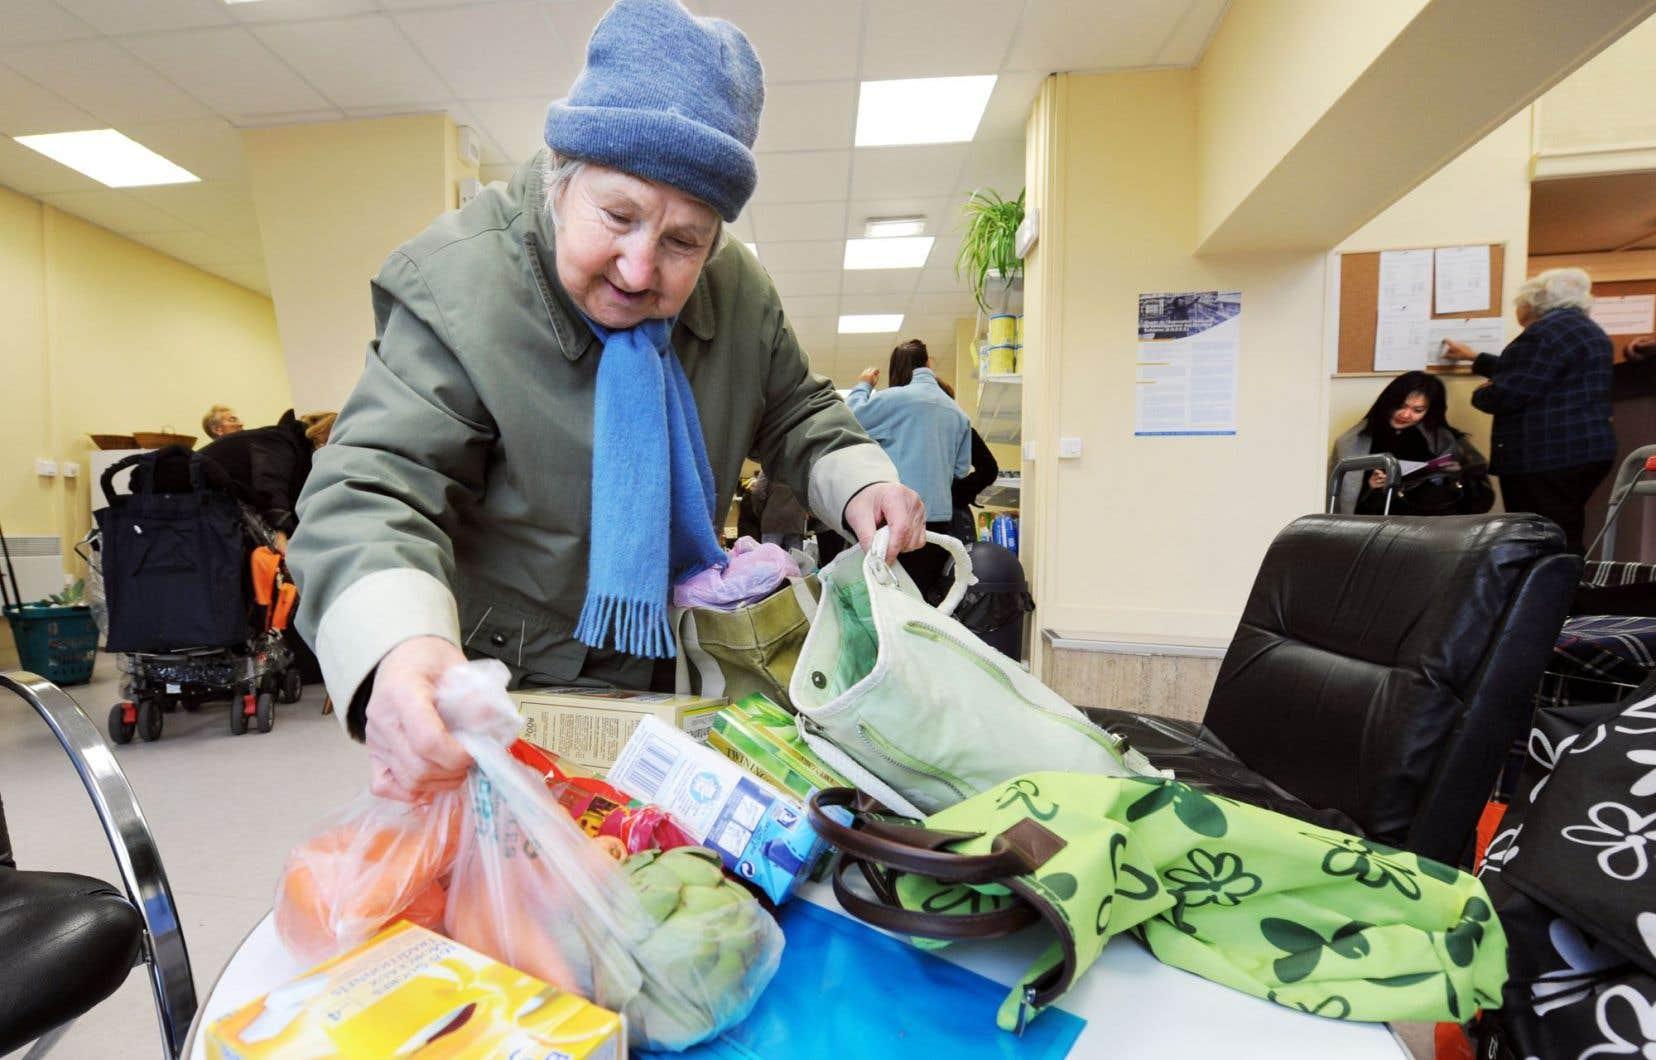 Une femme met dans son sac l'épicerie qu'elle vient de faire dans un centre de dépannage.